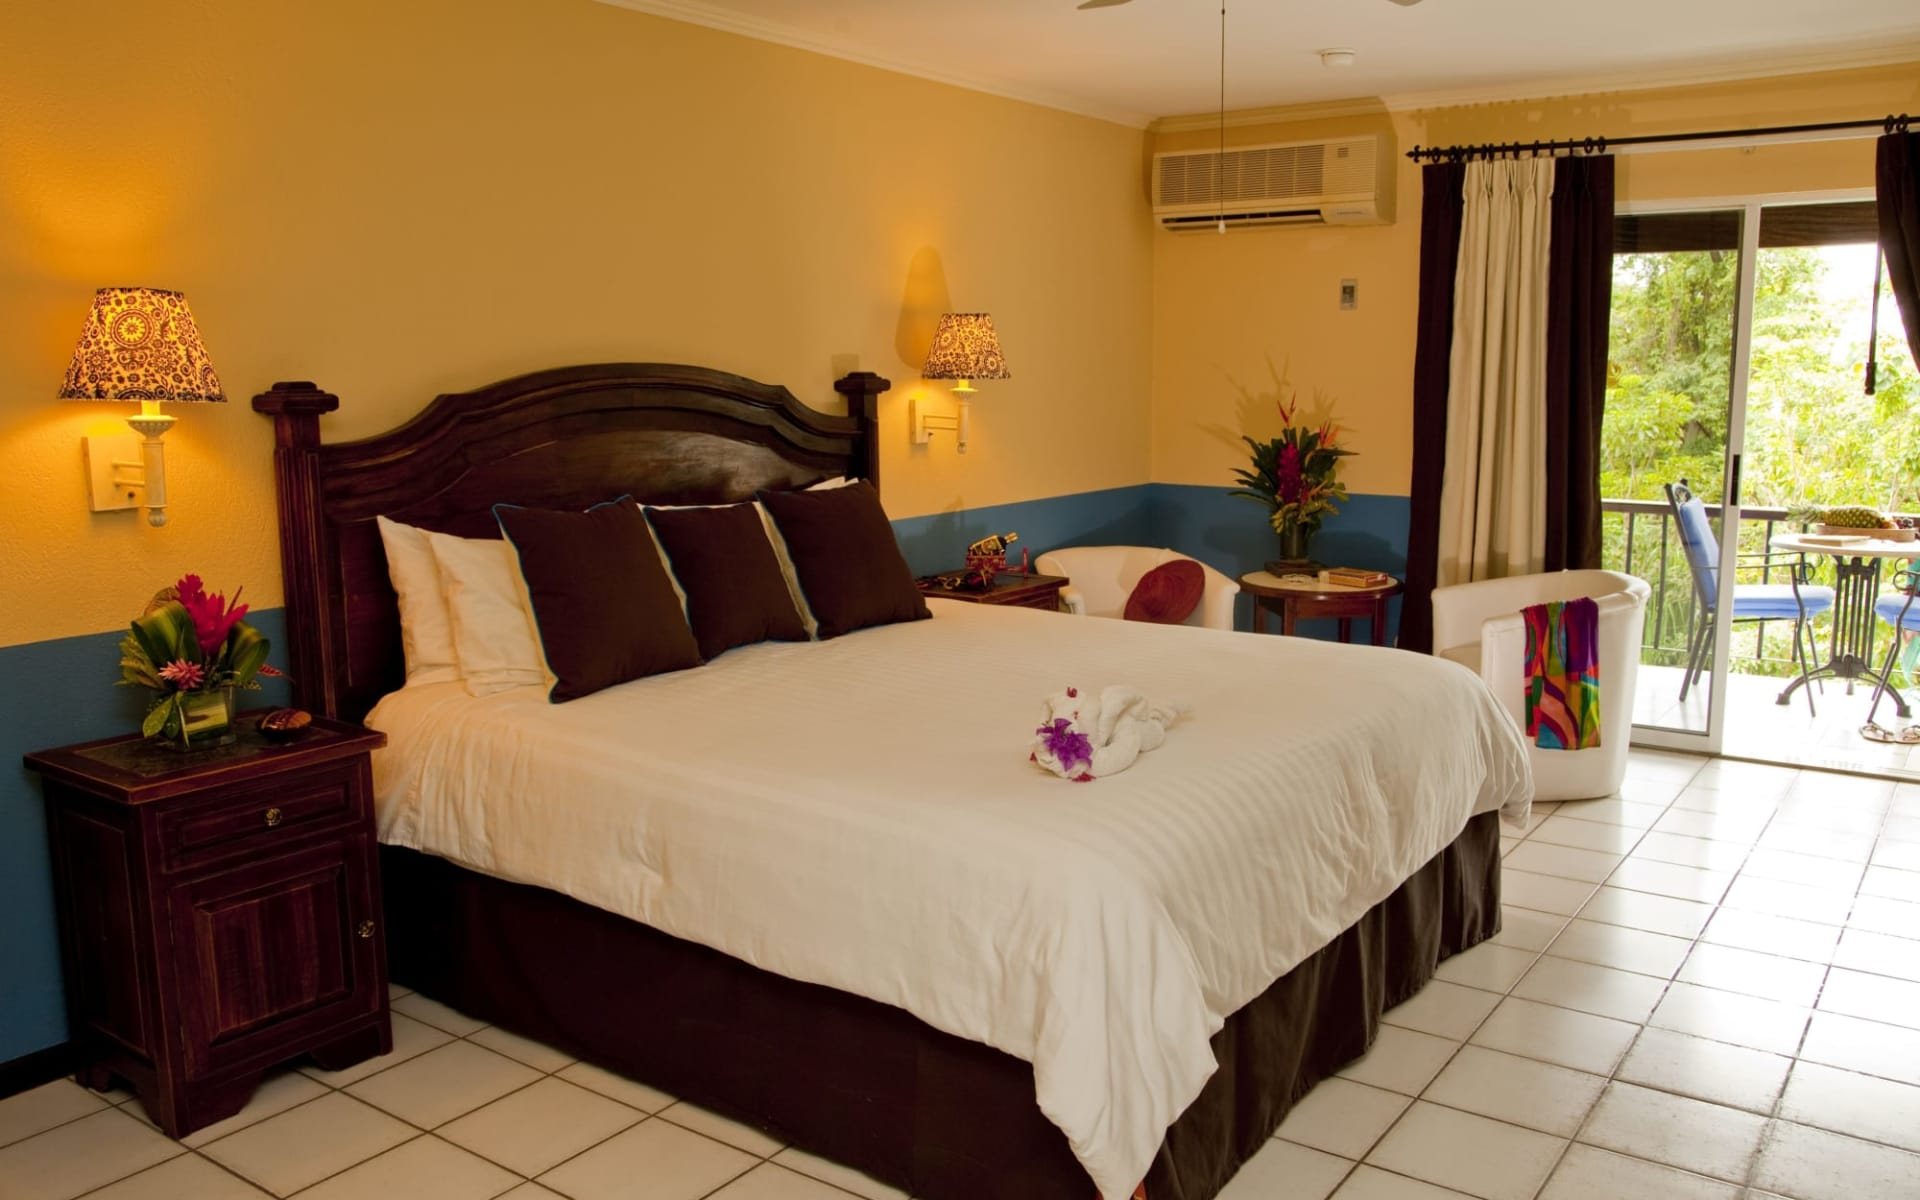 Parador Resort Spa in Manuel Antonio:  Parador Resort Spa-Garden Plus Room1